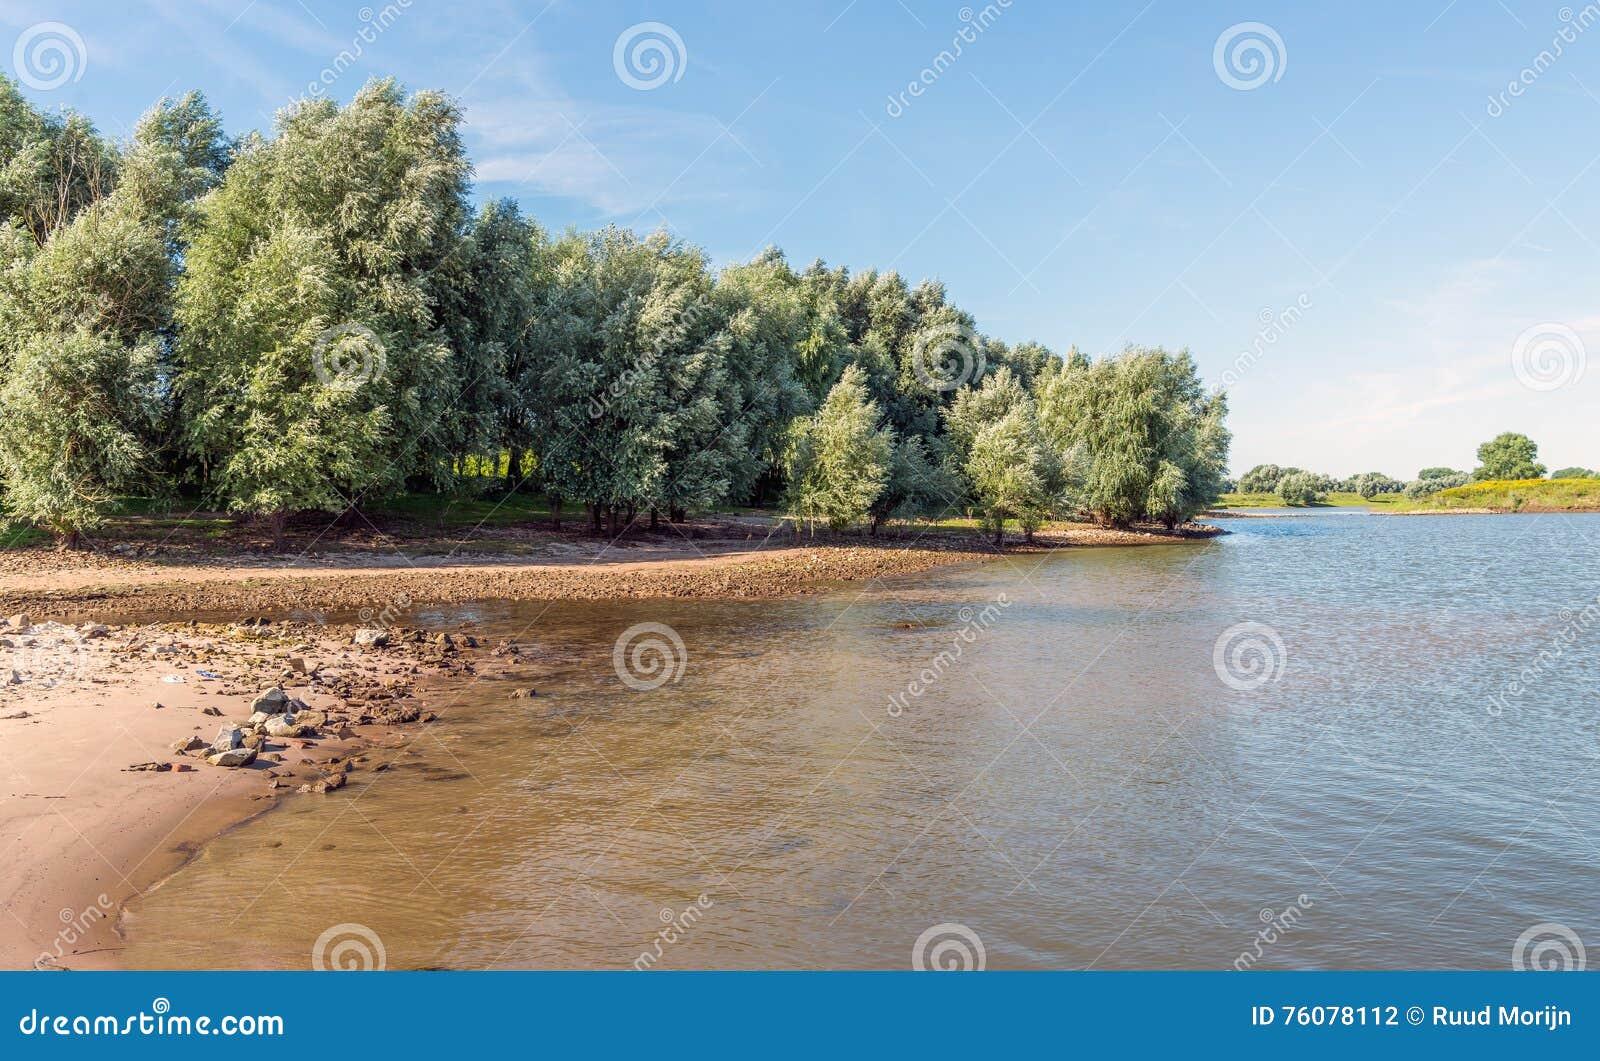 Grote wilgen op de bank van een meer